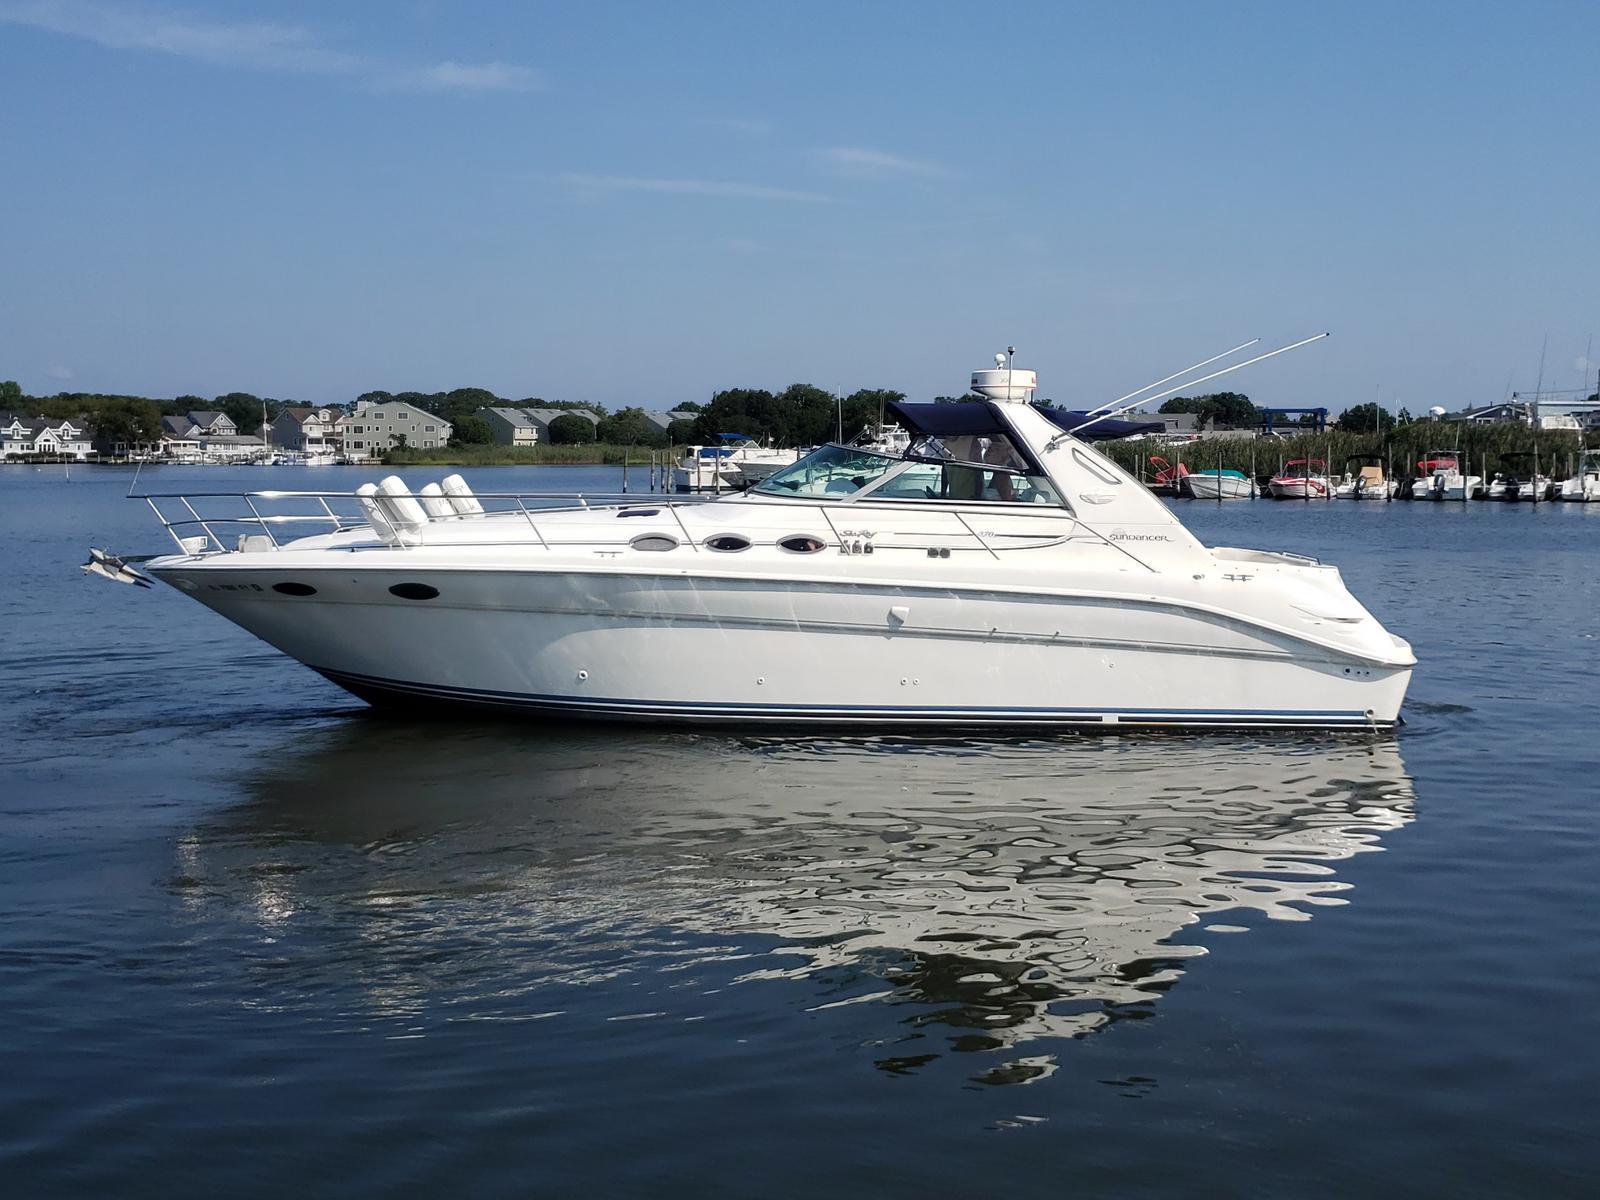 Inventory Comstock Yacht Sales & Marina Brick, NJ (732) 899-2500